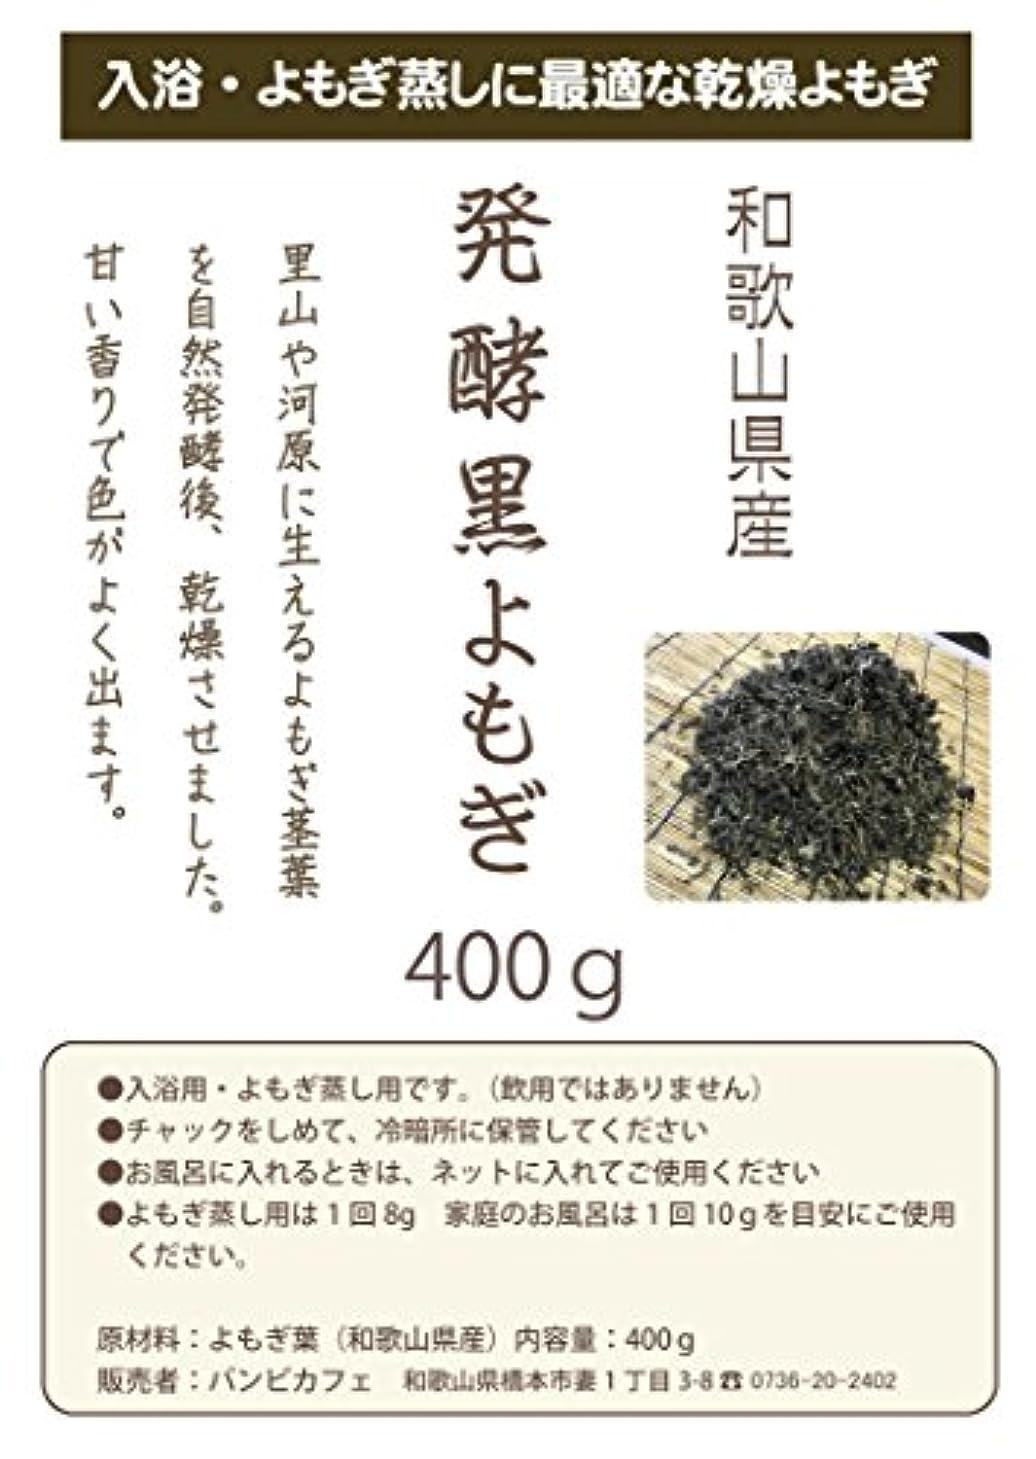 シプリー飢任意発酵黒よもぎ 400g 乾燥 和歌山県産 入浴用に特化発酵 黒 よもぎ